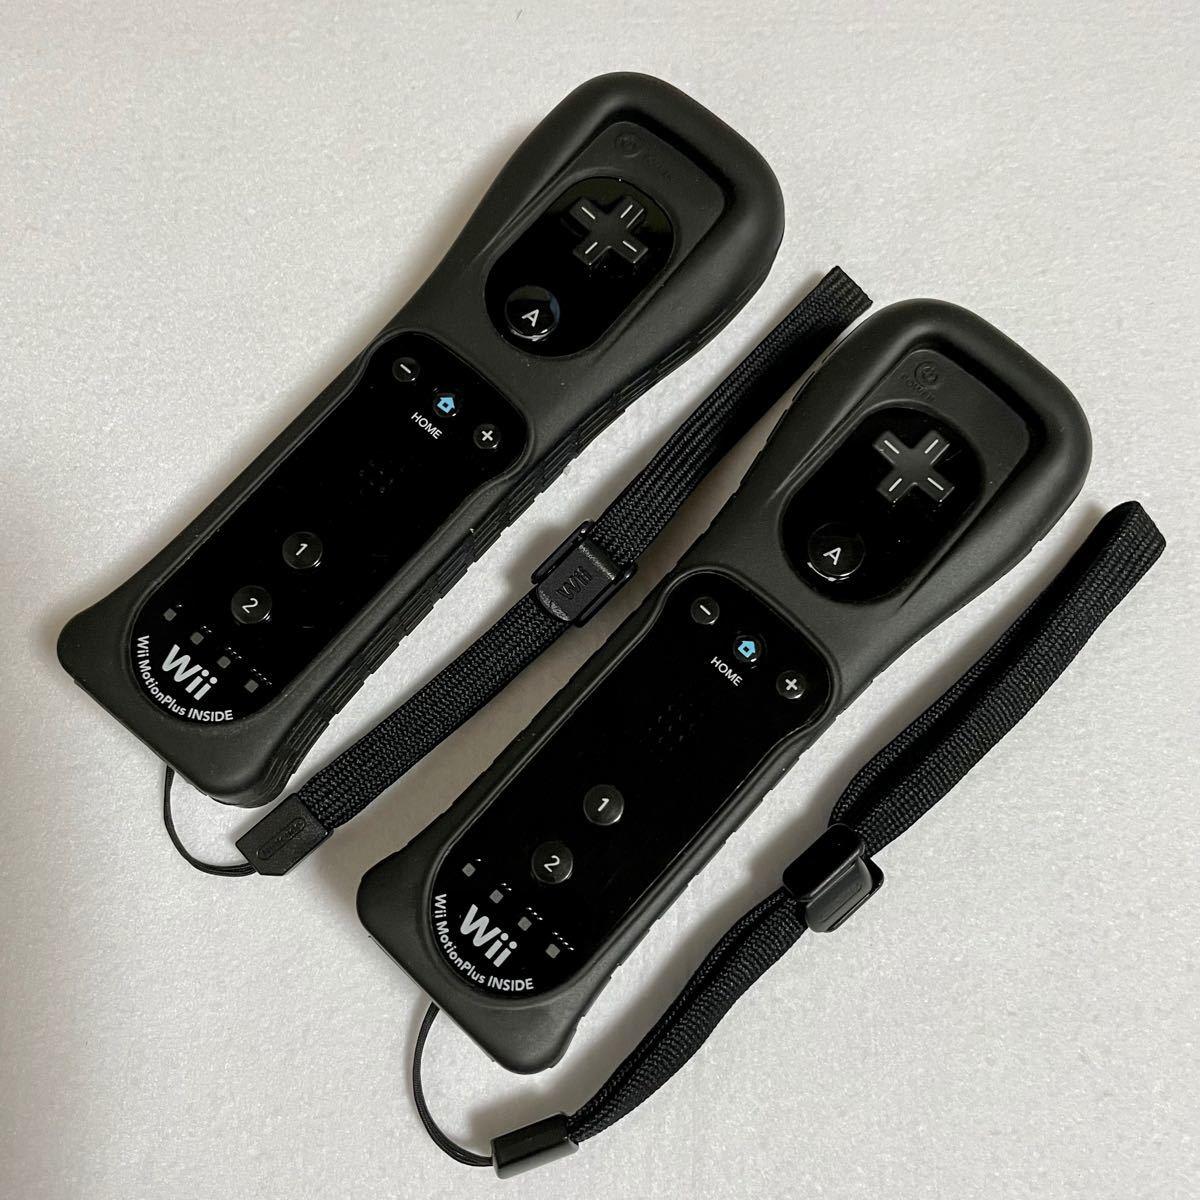 wii リモコン プラス モーションプラス コントローラー ブラック Wiiリモコン Wiiリモコンプラス セット